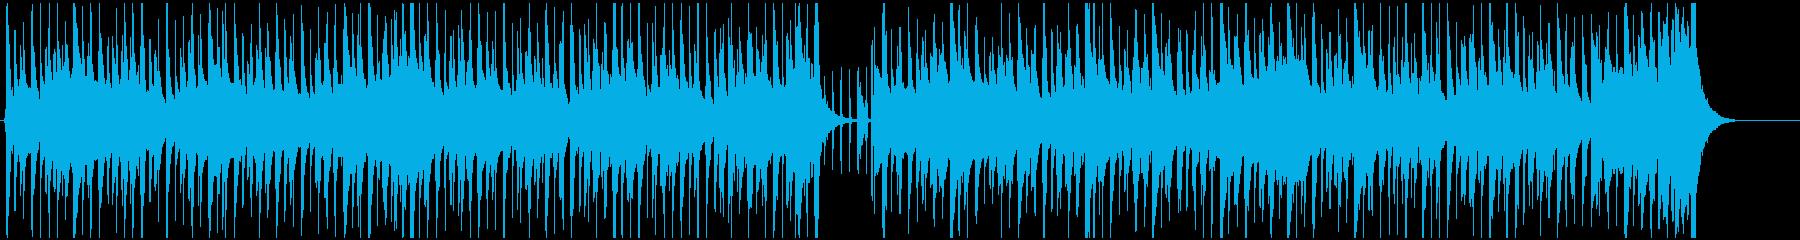 エレキギターが軽快なBGMの再生済みの波形